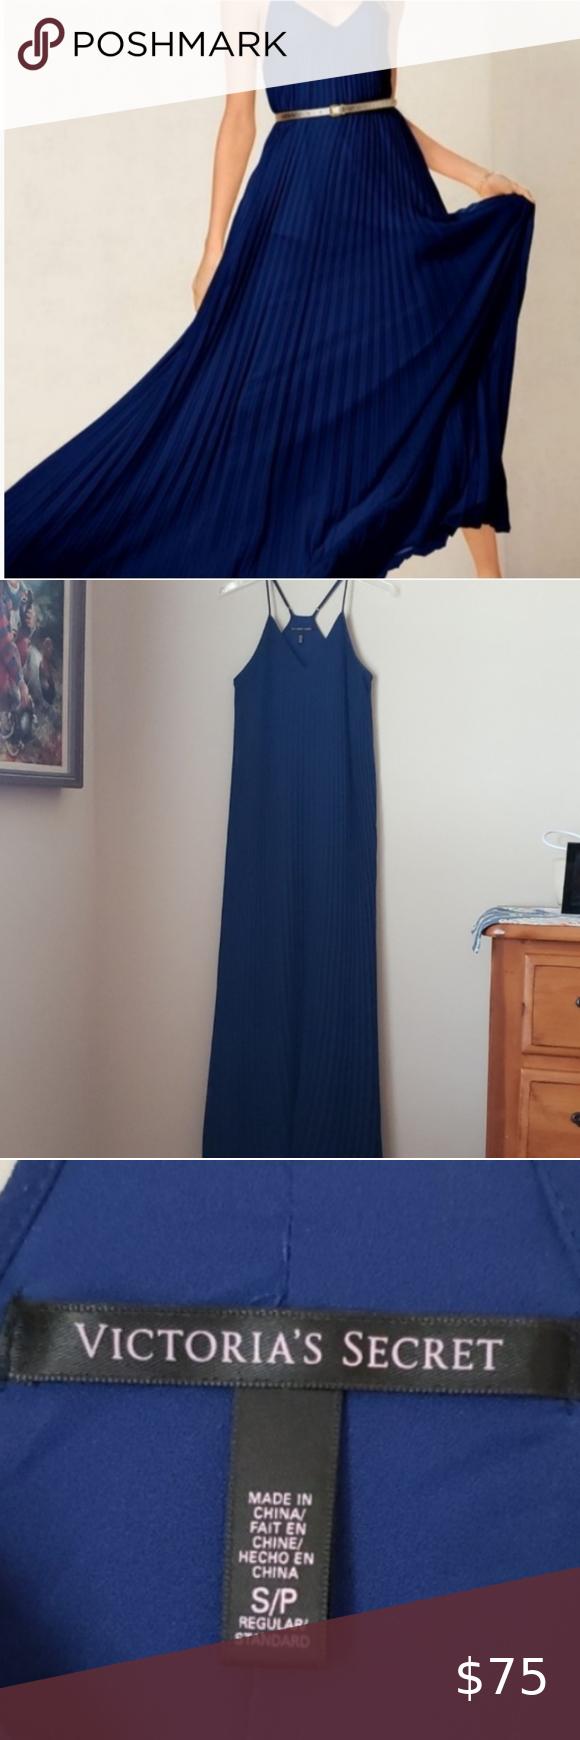 Victoria S Secret Maxi Dress Dresses Clothes Design Maxi Dress [ 1740 x 580 Pixel ]